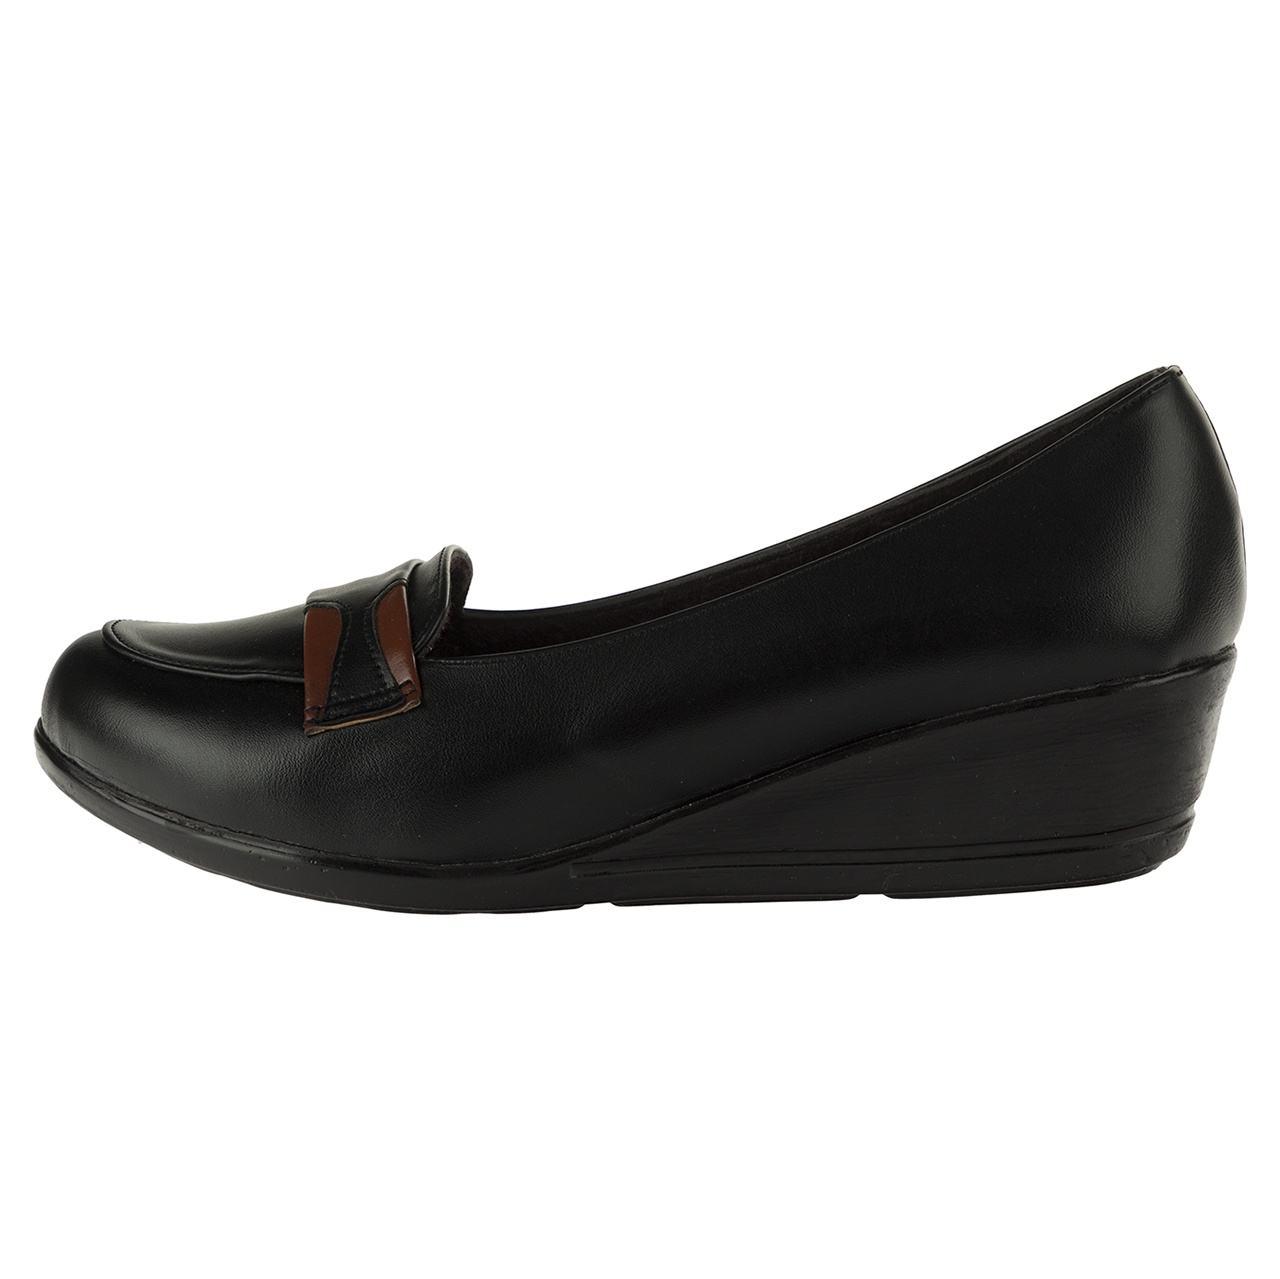 کفش زنانه سینا مدل سما کد 1112 -  - 2